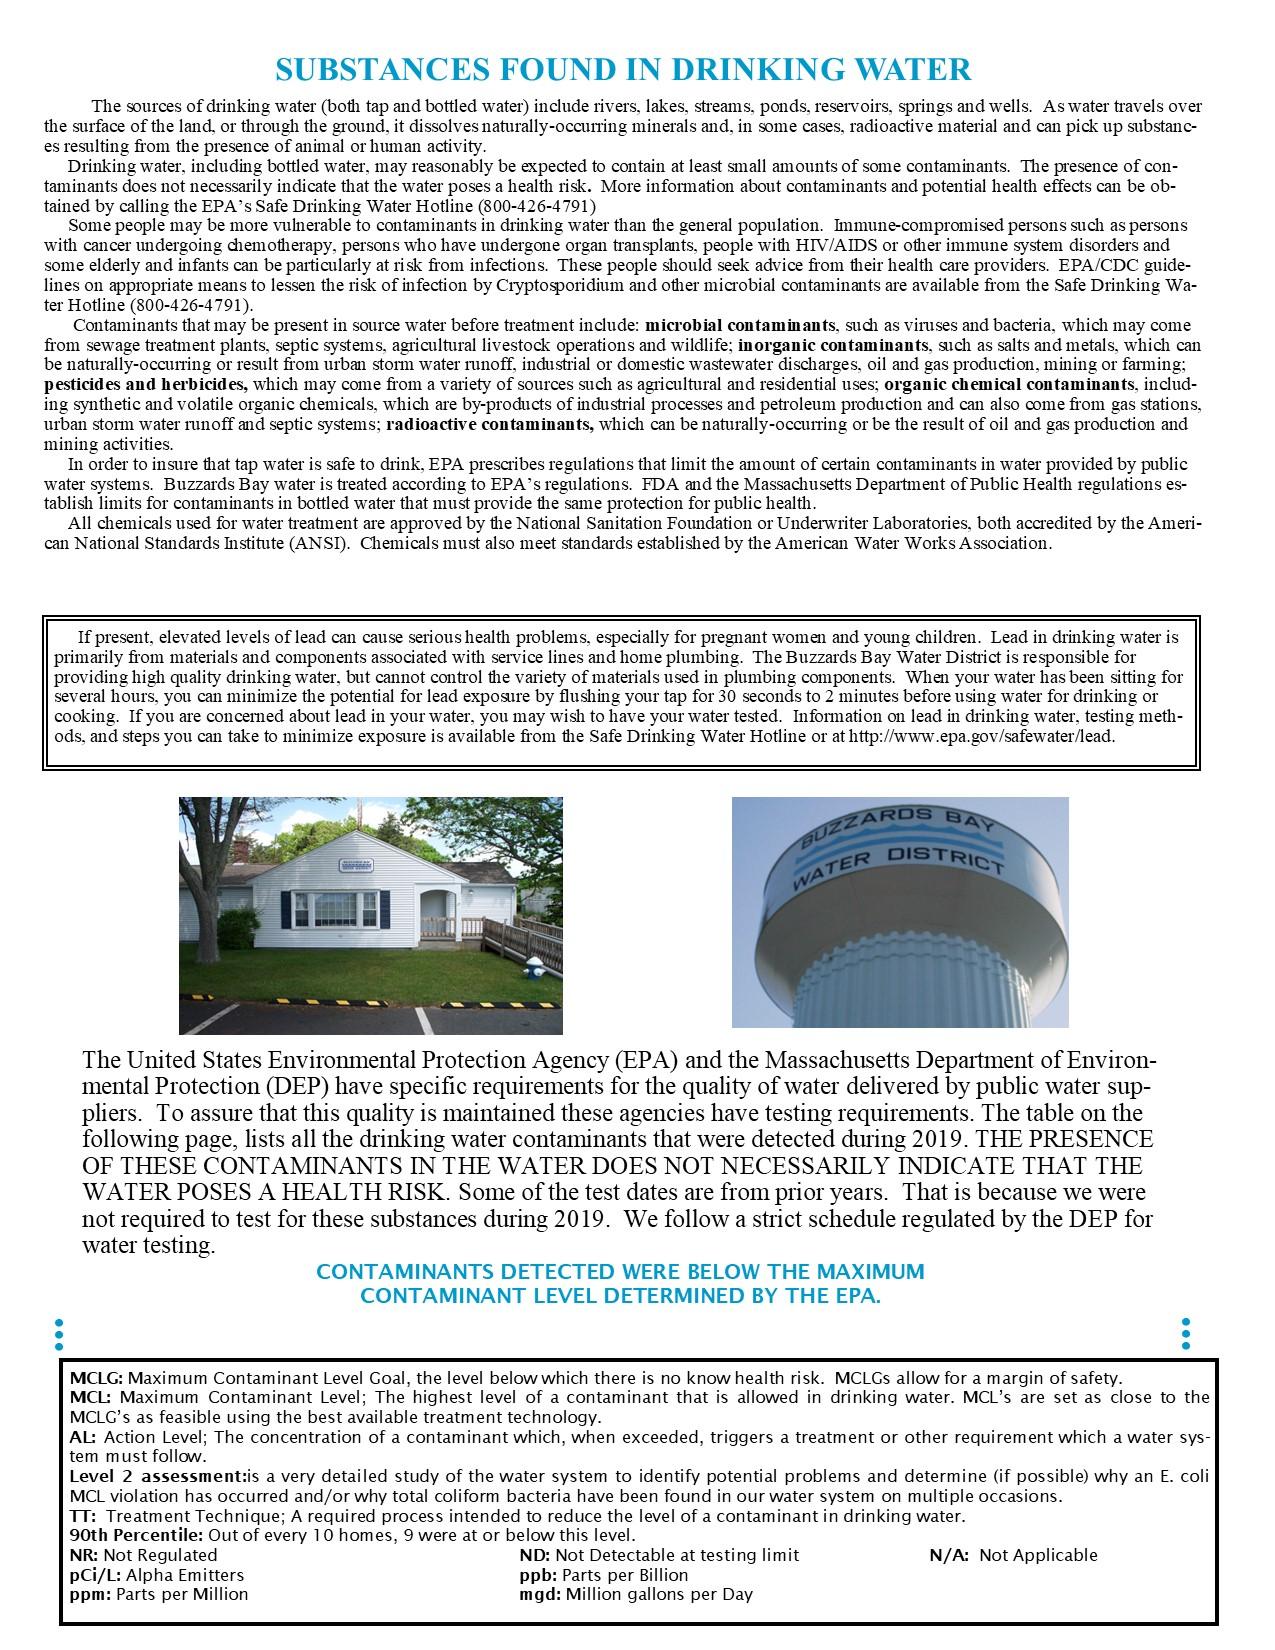 CCR page 2 handout 2019